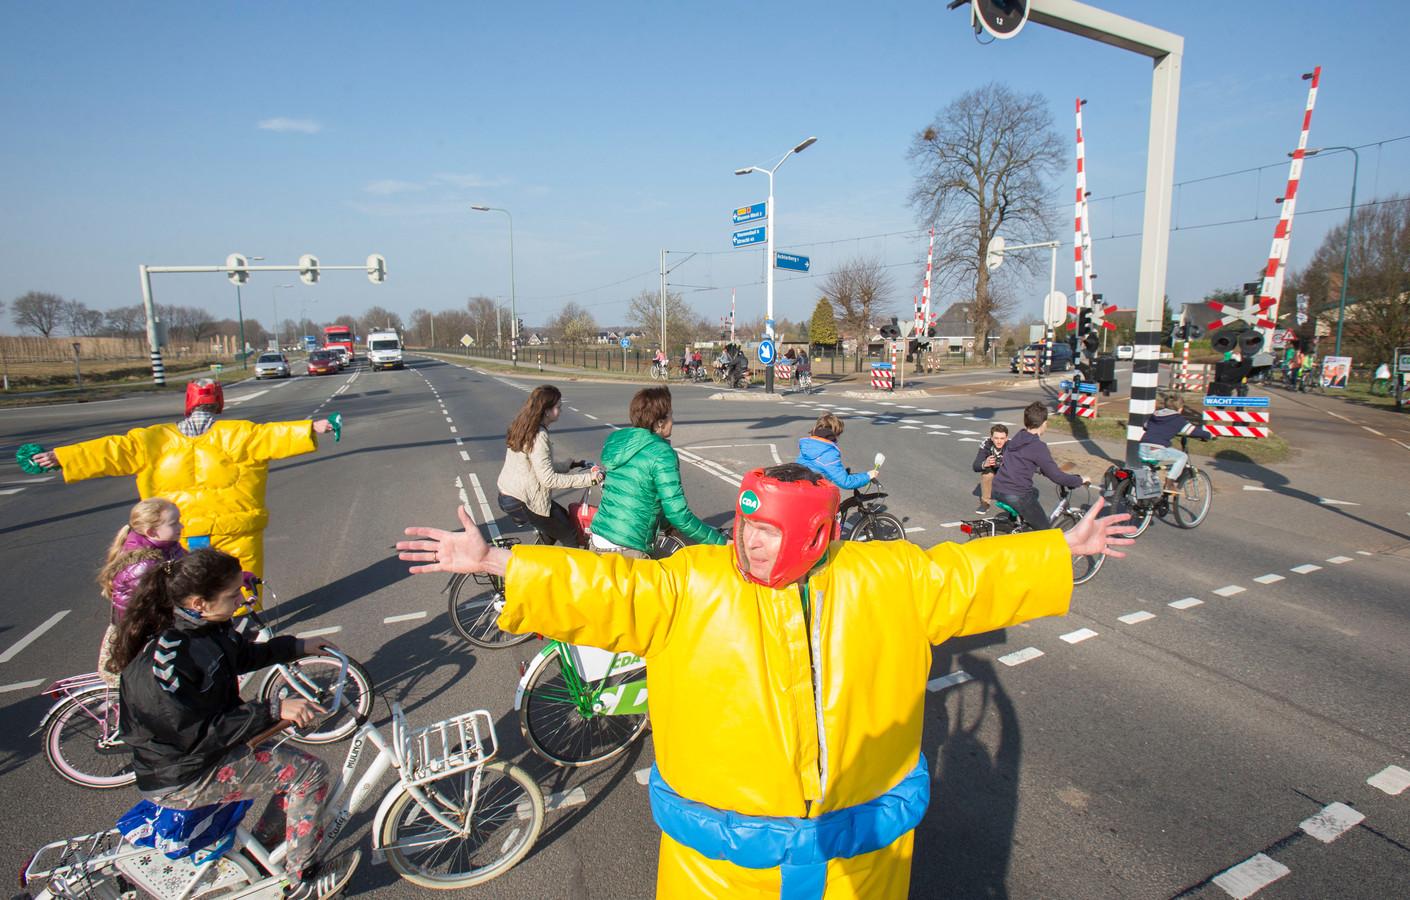 De kruising van de N233 en de Achterbergestraatweg waar flitspalen neer zijn gezet om de verkeersveiligheid te verbeteren.